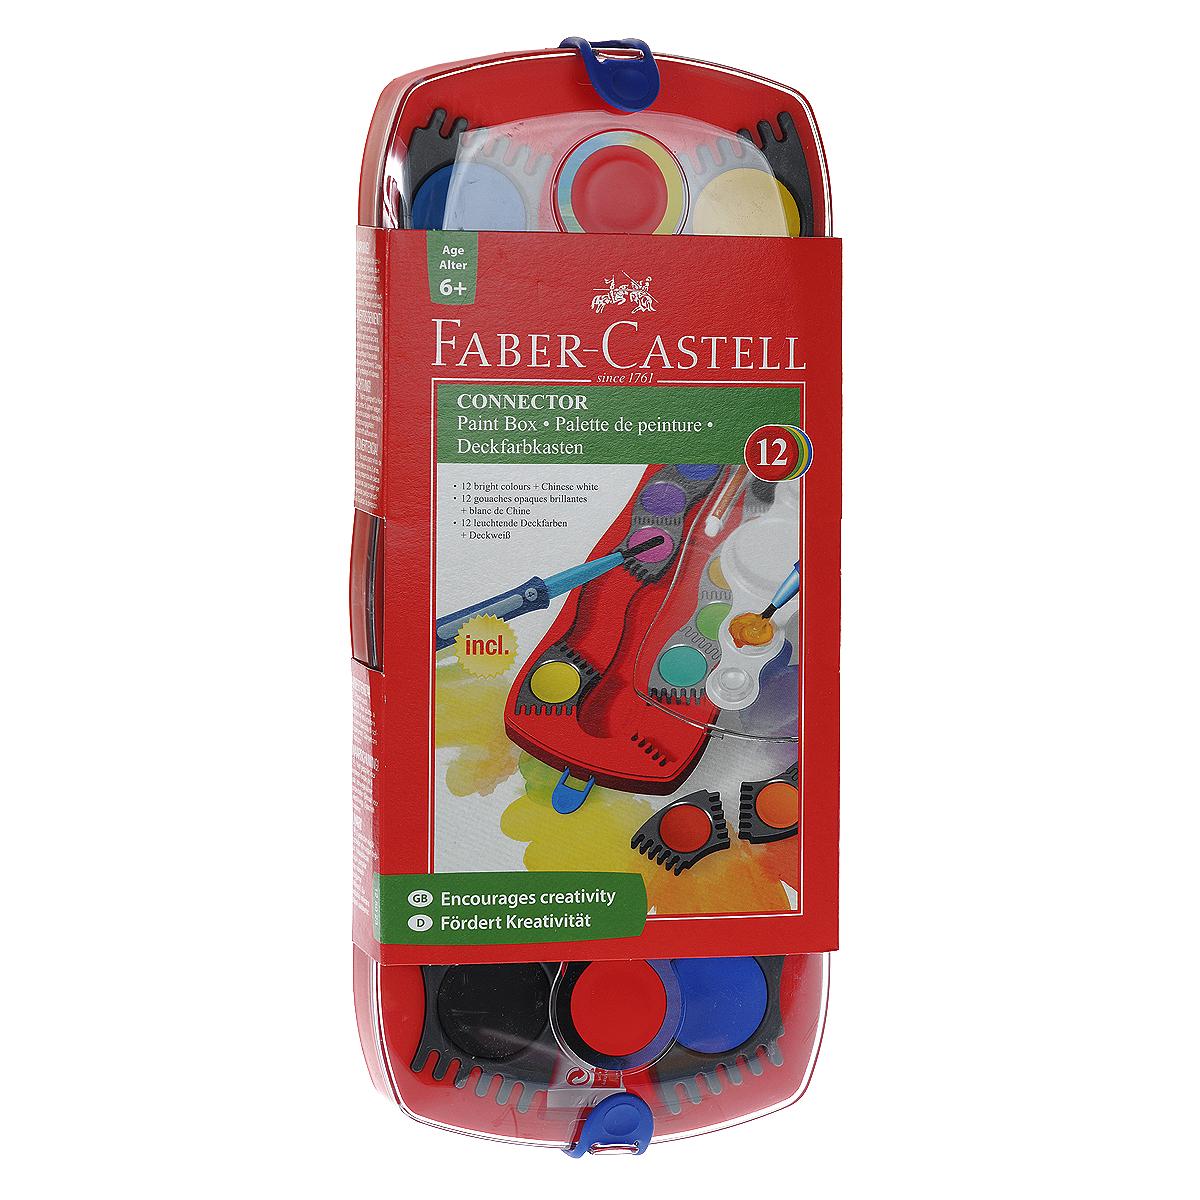 Акварельные краски Faber-Castell Connector, 12 шт125023Акварельные краски Faber-Castell Connector идеально подойдут как для детского художественного творчества, так и для изобразительных и оформительских работ. Краски легко размываются, создавая прозрачный цветной слой, отлично смешиваются между собой, не крошатся и не смазываются, быстро сохнут. В наборе 12 красок ярких, насыщенных цветов, а также тюбик с белой краской и кисть. Каждый цвет представлен в основе круглой формы, располагающейся в отдельной ячейке, которую можно перемещать либо комбинировать с нужными красками, что делает процесс рисования легким и удобным. Коробка представляет собой поддон для ячеек с красками с отсеком для кисти и белой краски, а крышка - палитру.Отличный подарок для любителя рисовать акварелью! Рекомендуемый возраст: от 6 лет.